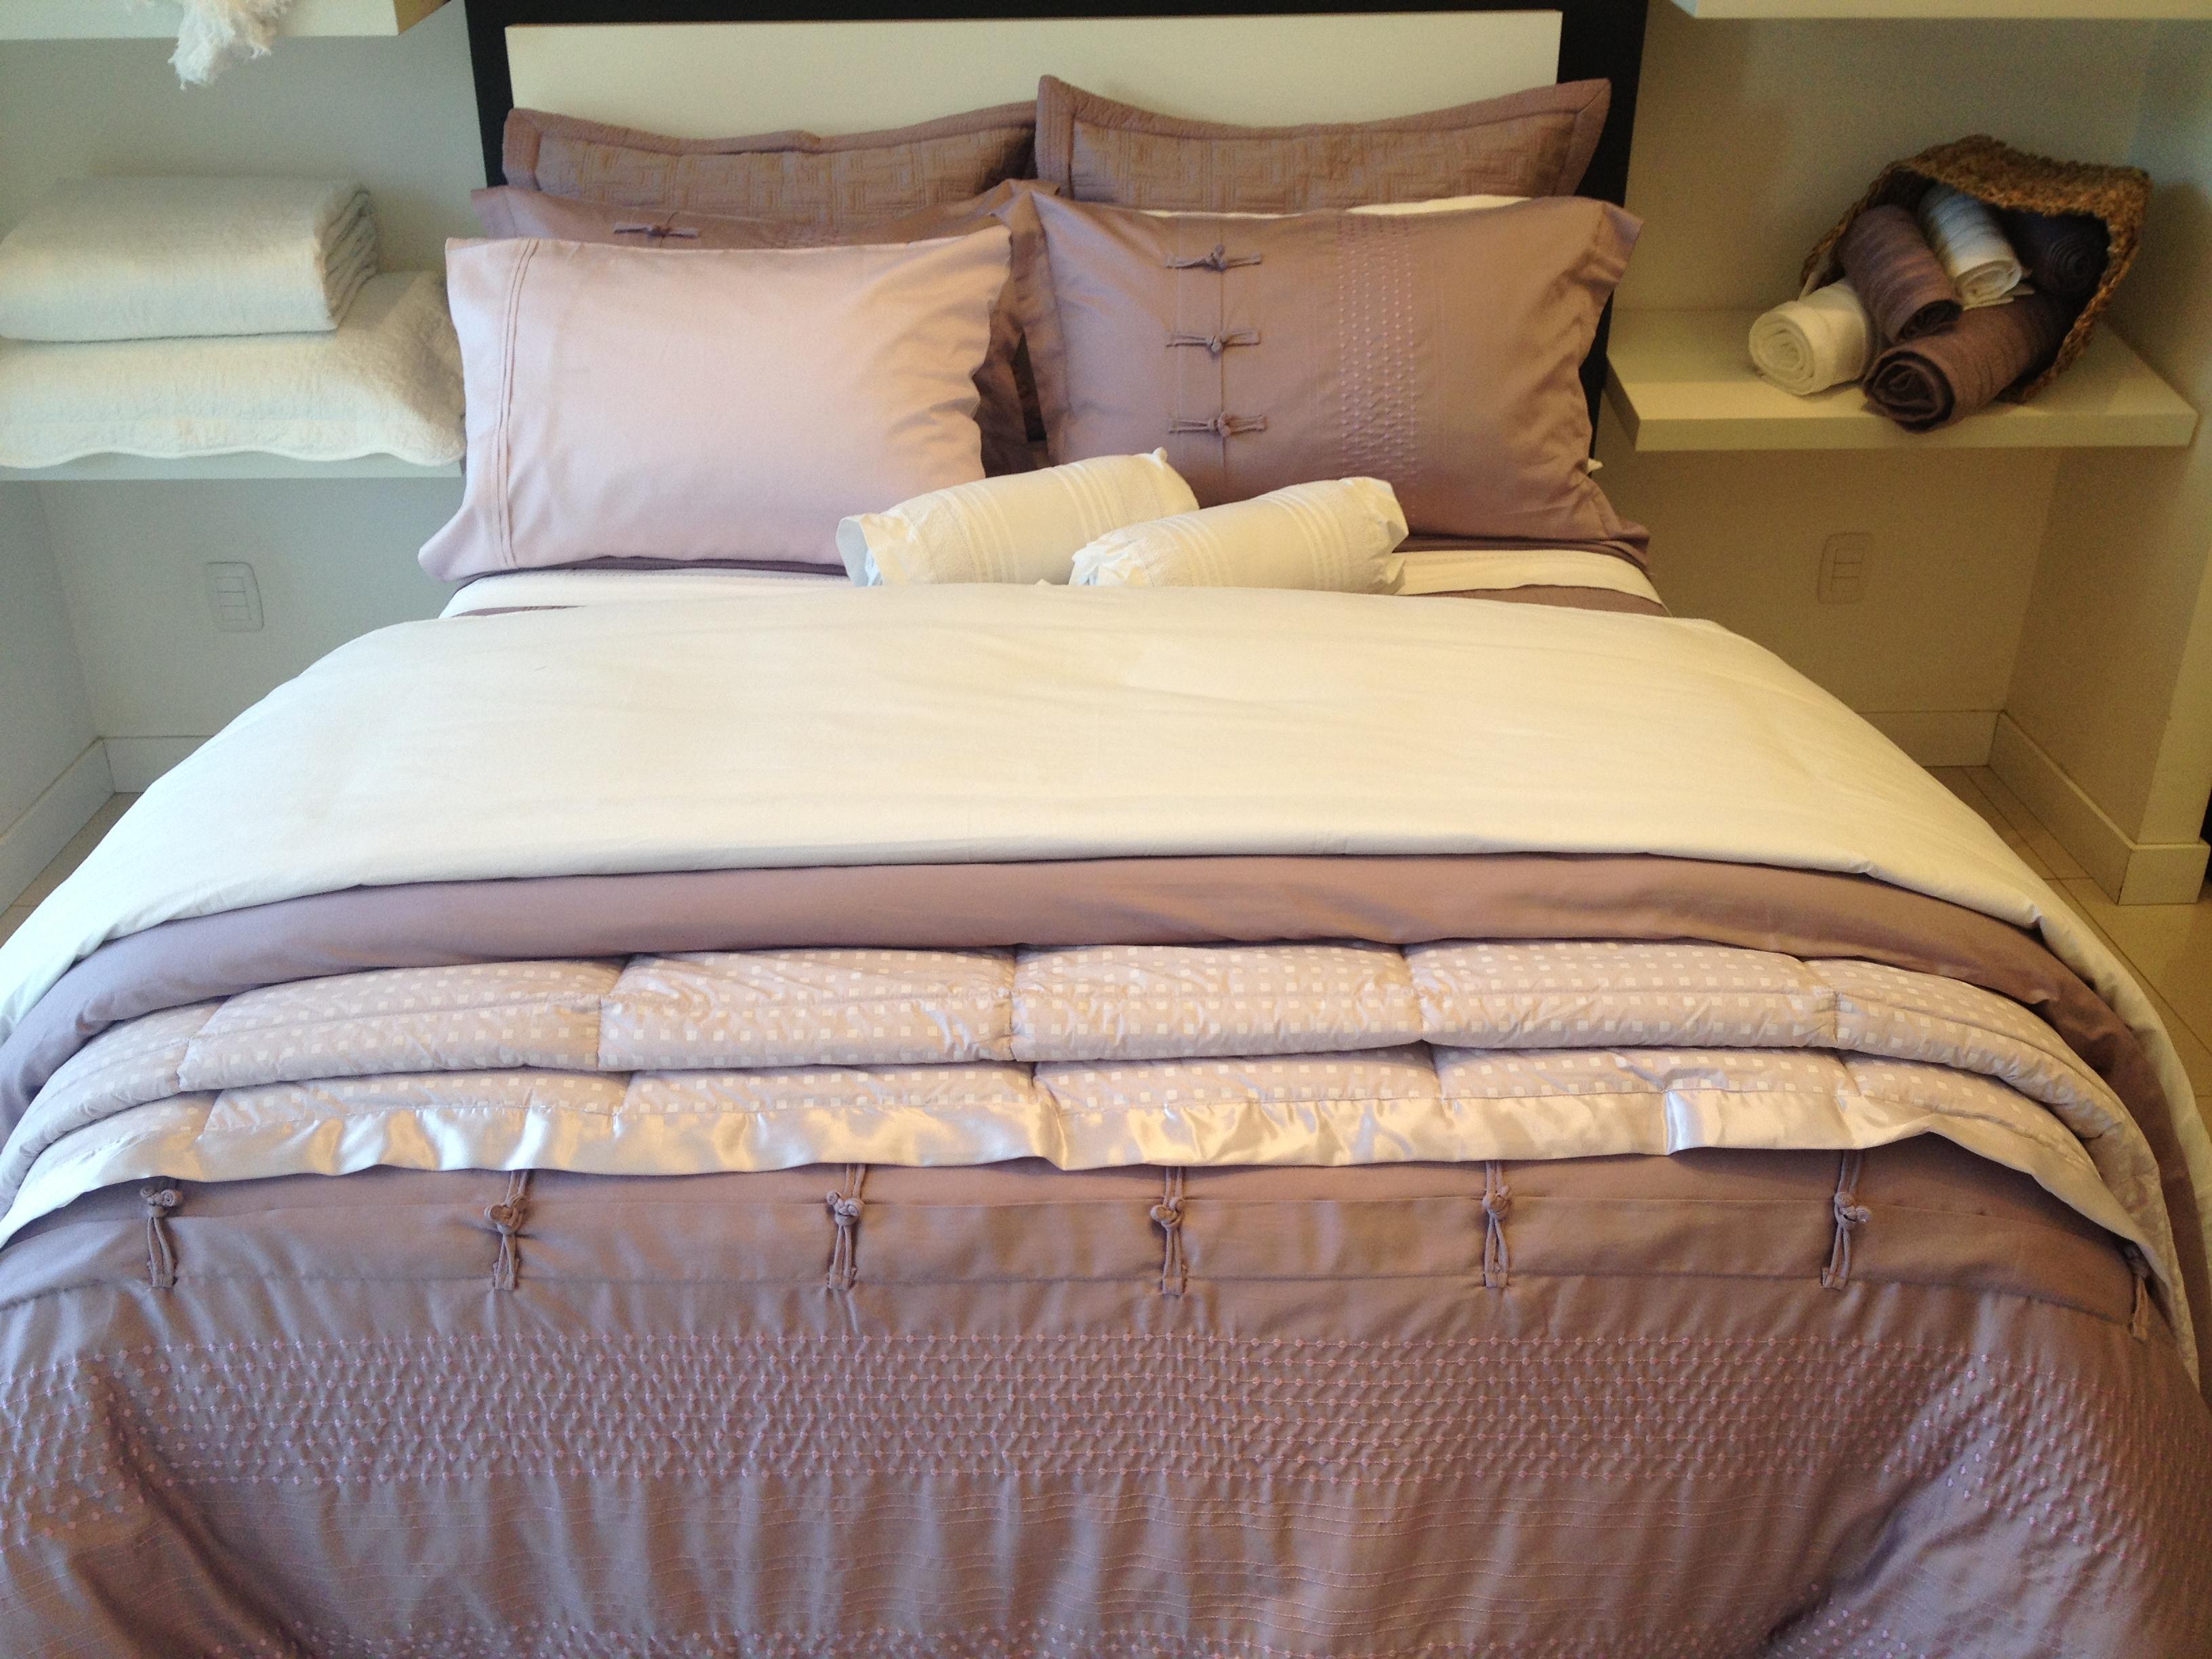 68a0ea263d Como arrumar uma cama impecável